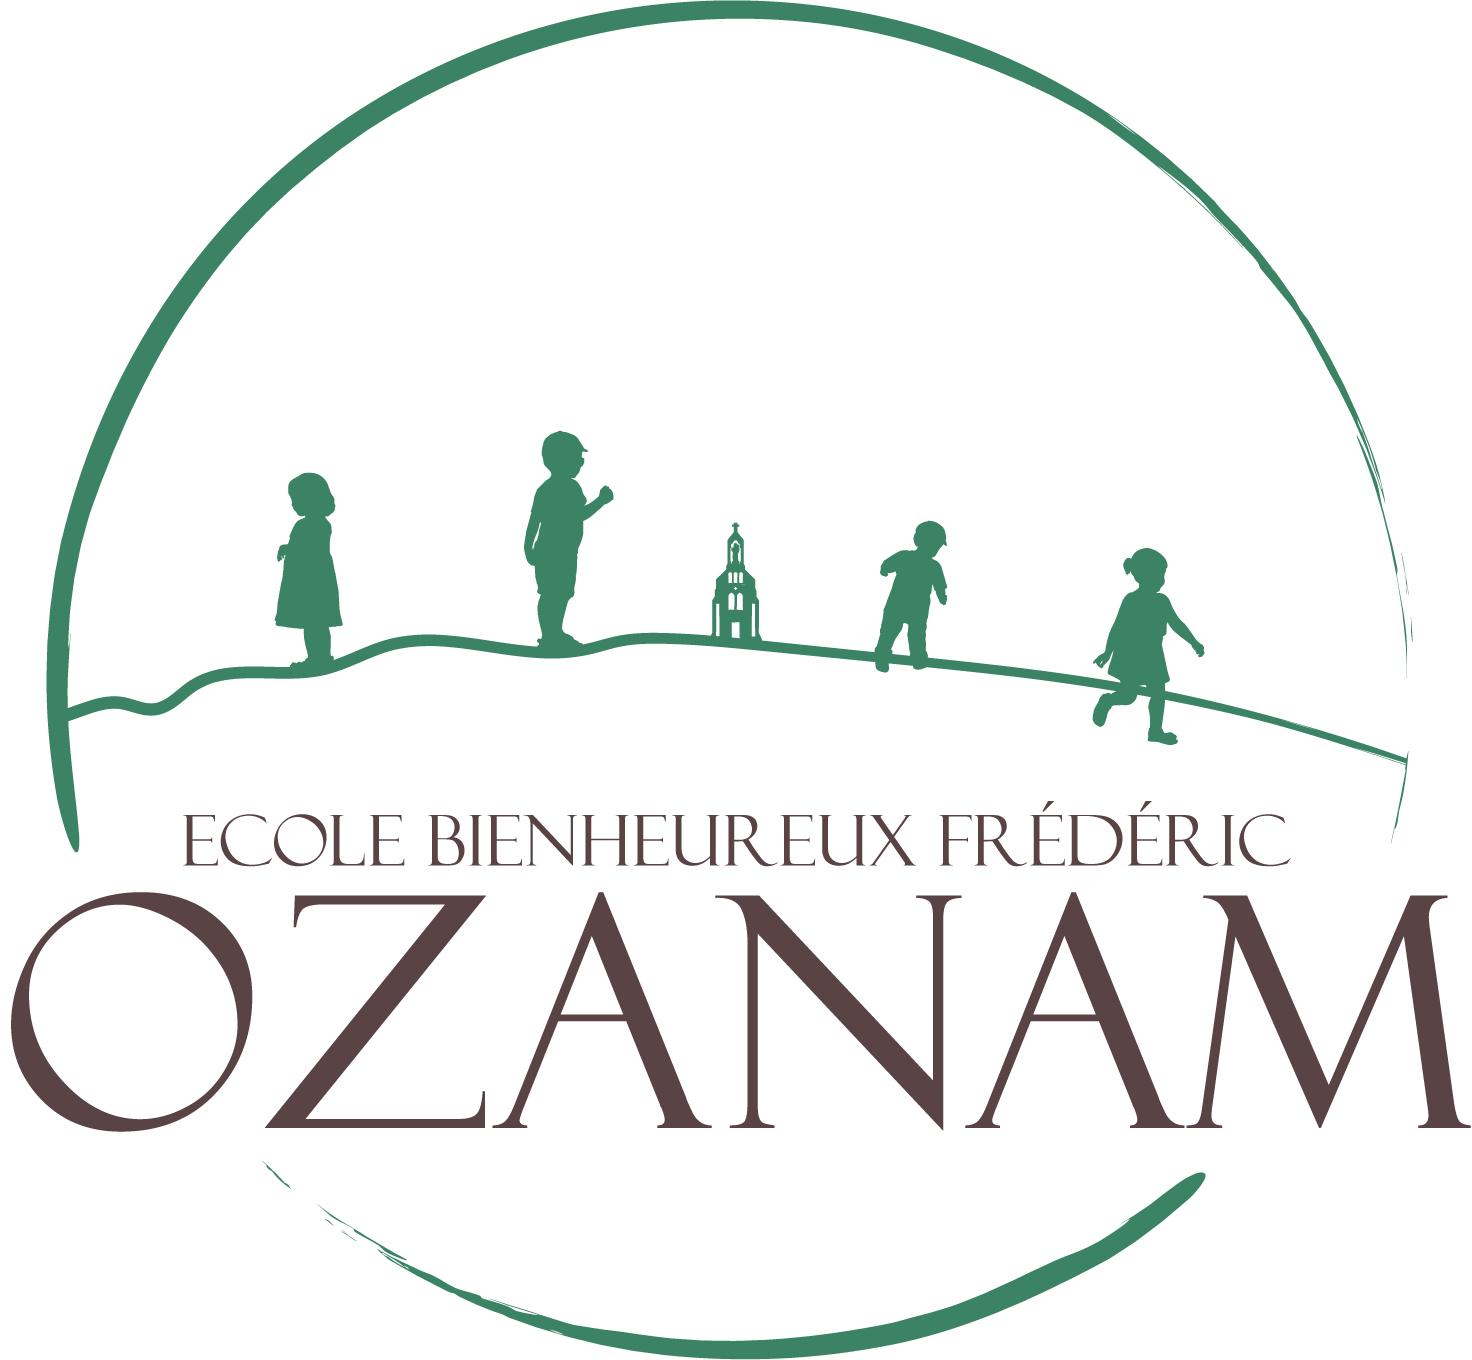 image_thumb_Agrandir l'école Bienheureux Frédéric Ozanam...